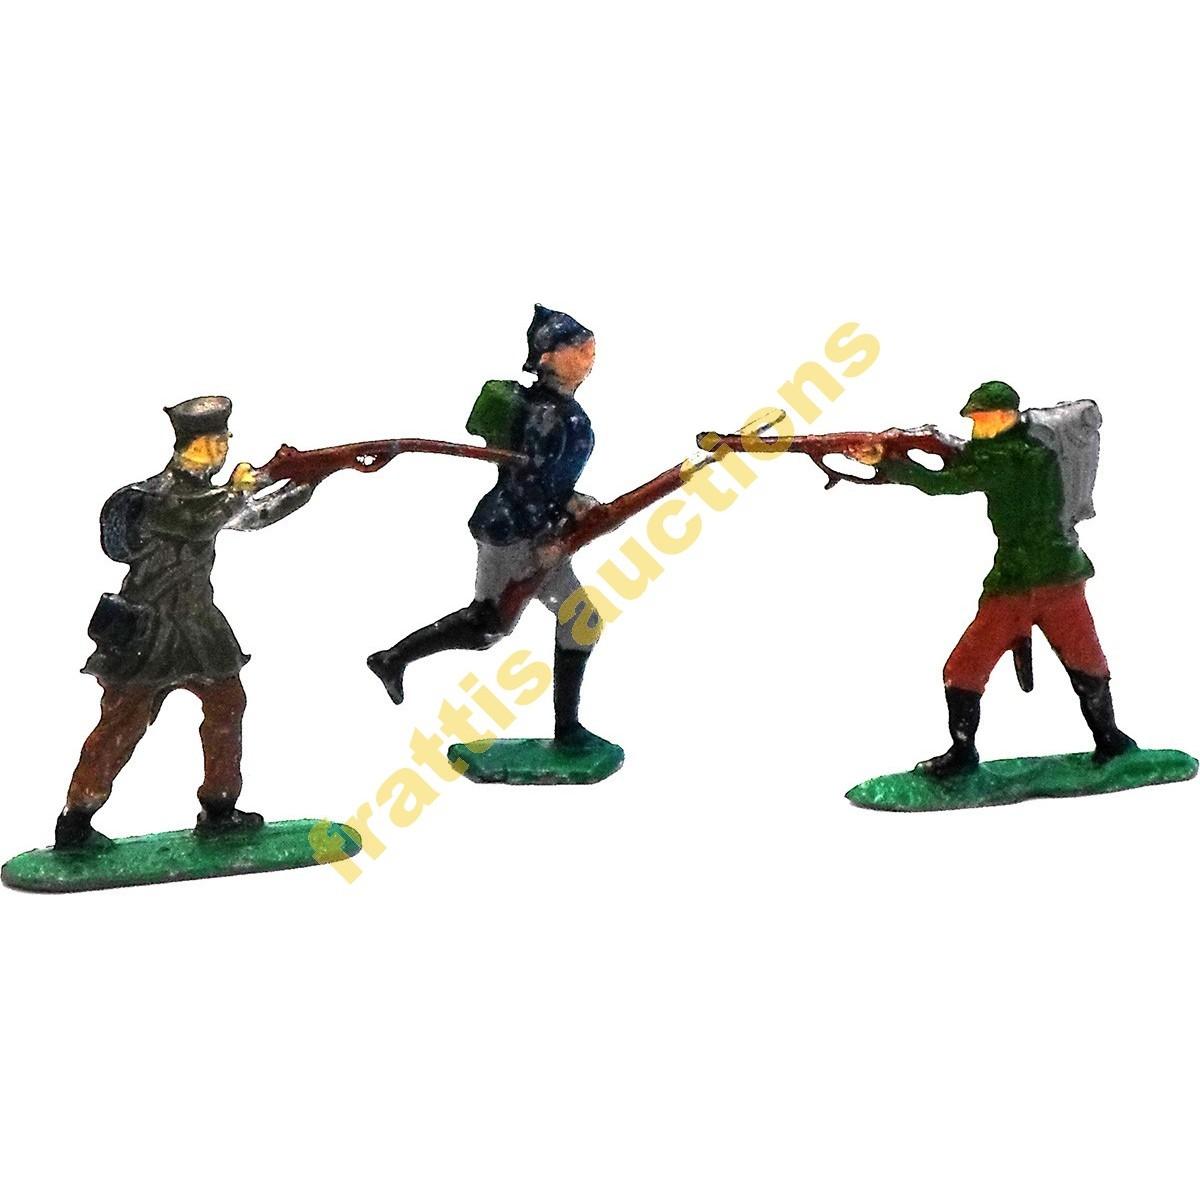 3 Μολυβένιες φιγούρες  στρατιωτών WWI.